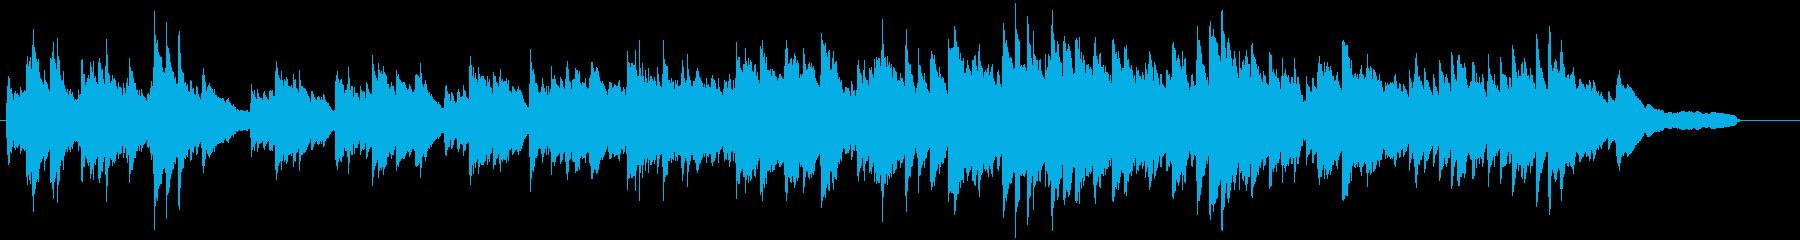 ピアノソロ、感動的なバラードの再生済みの波形